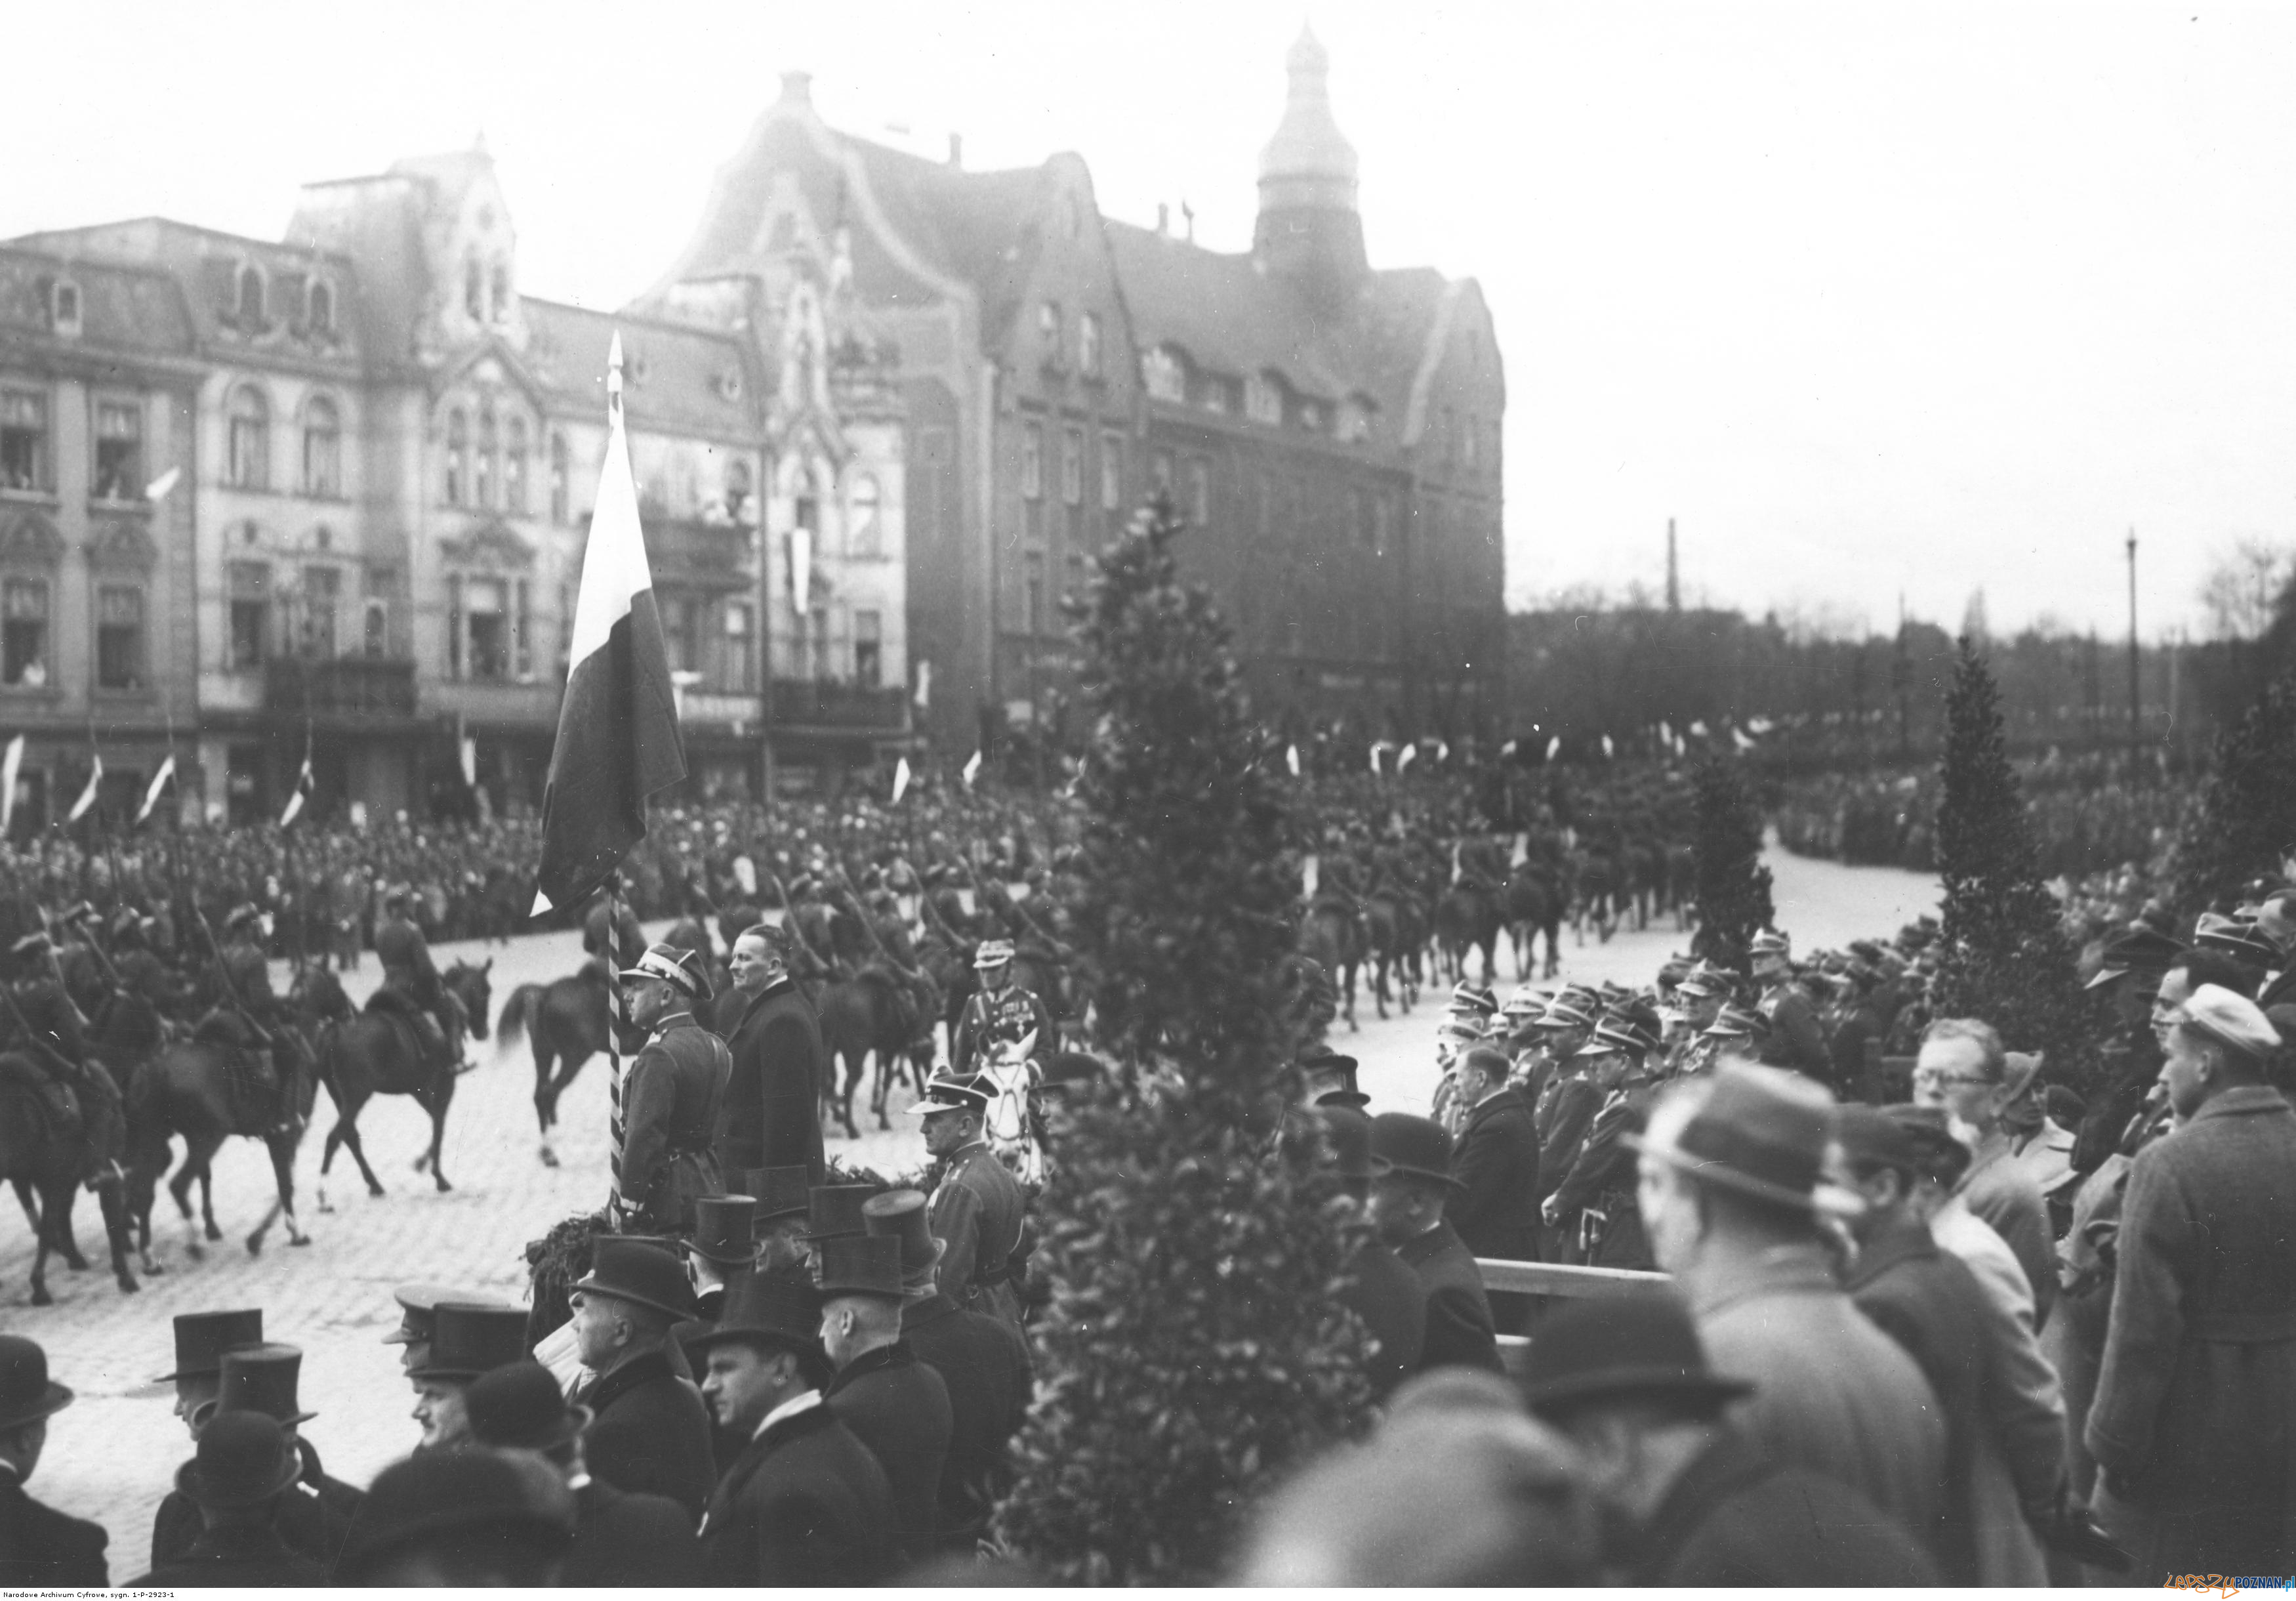 Św. Marcin - Wjazdowa 1935  Foto: Narodowe Archiwum Cyfrowe